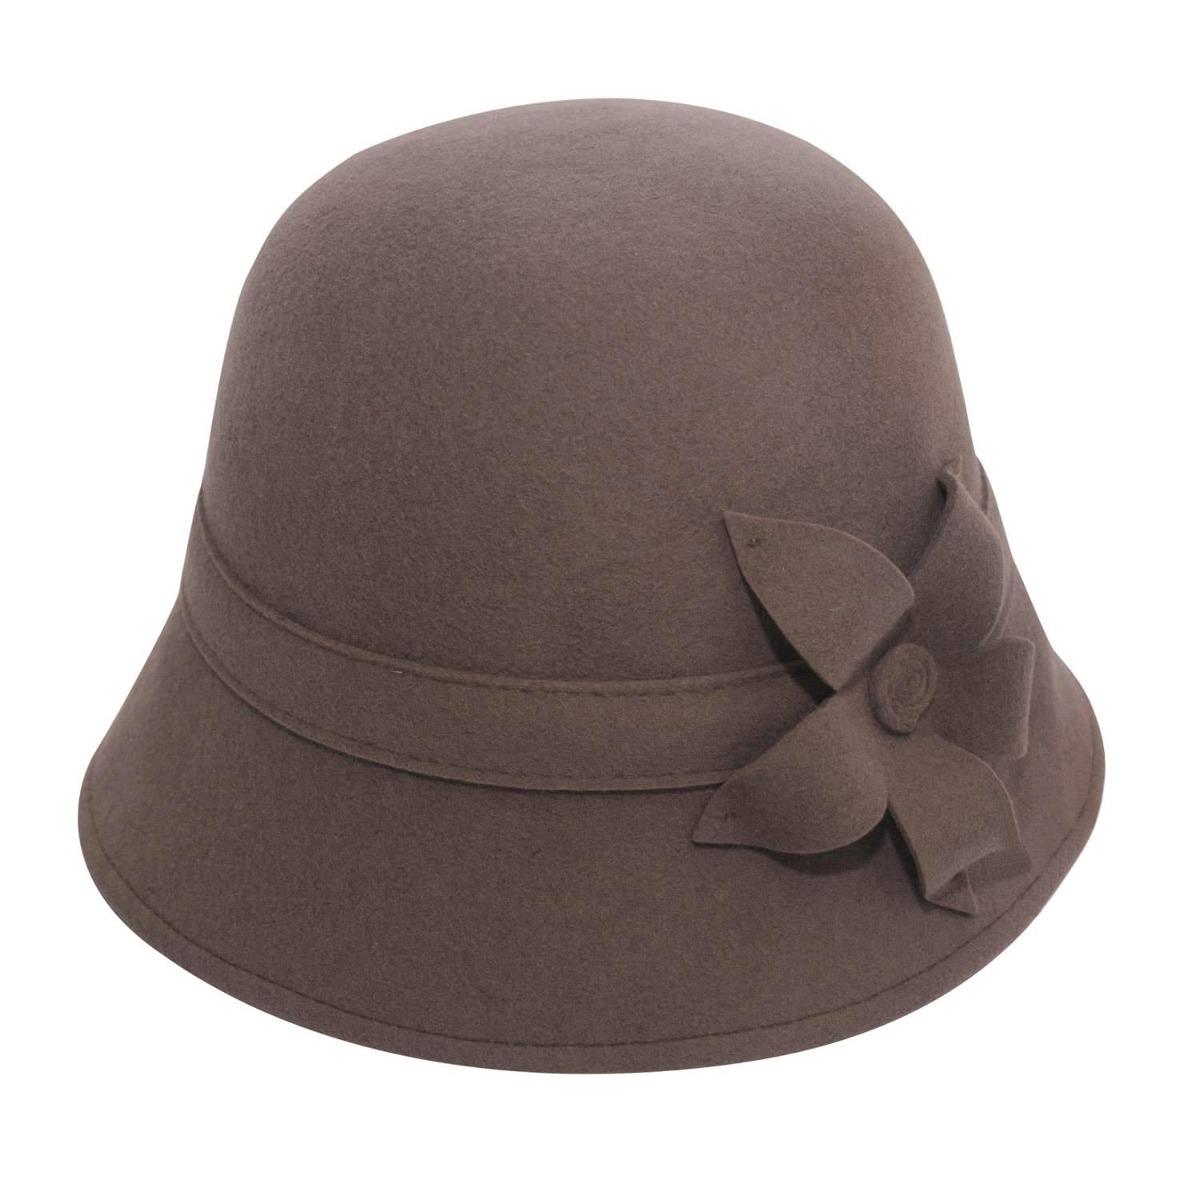 Chapéu Donna Jolie -castor-tamanho 54 - R  164 4e83984324f